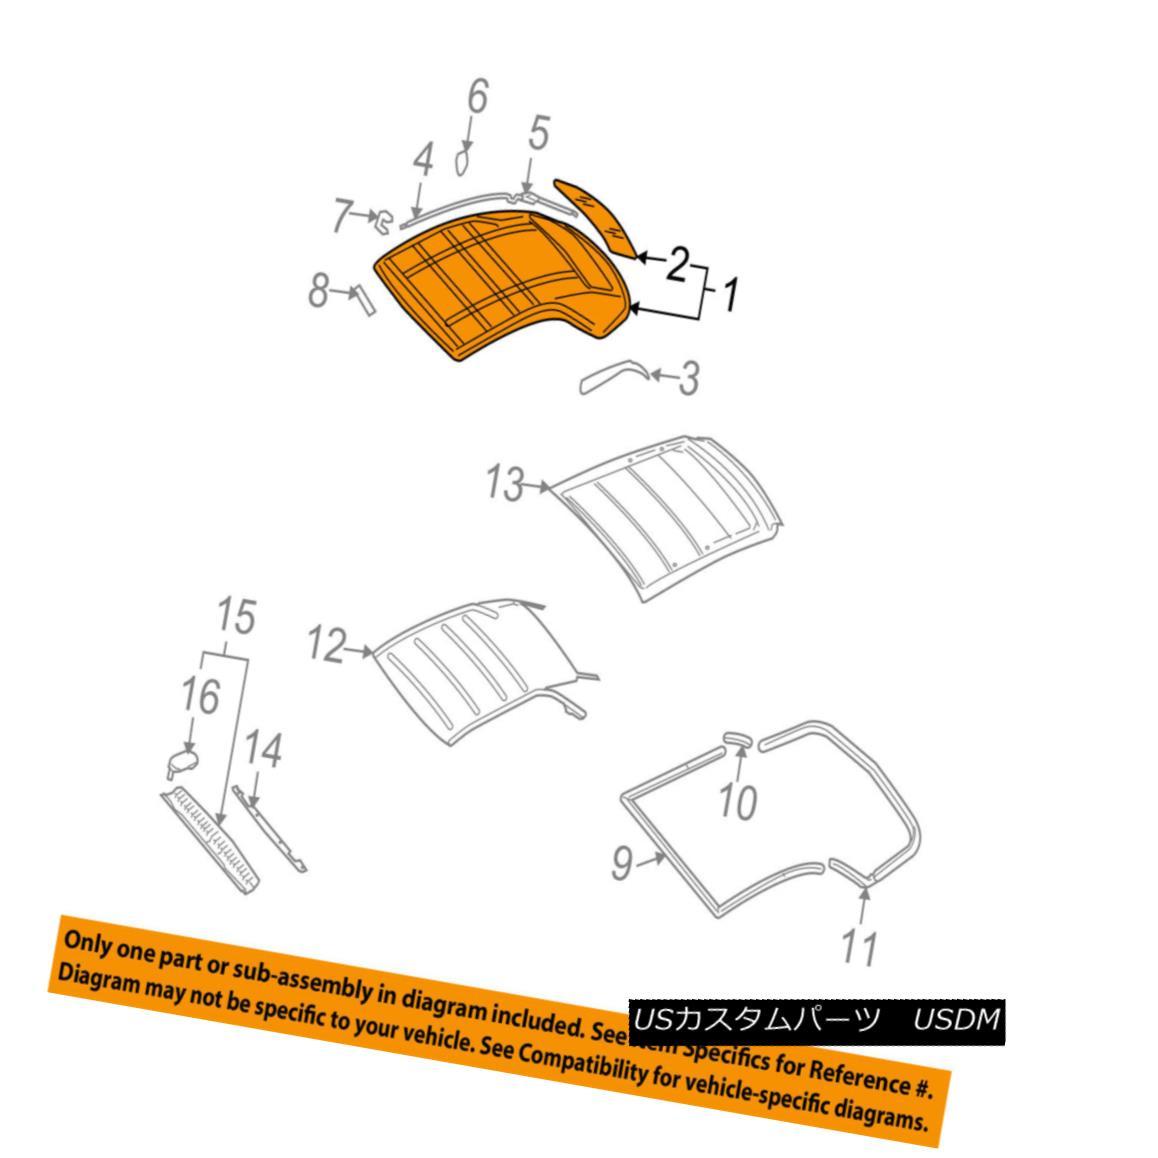 幌・ソフトトップ AUDI OEM 07-09 A4 Quattro Convertible Soft Top-Roof Assy 8H0871035E2Y5 アウディOEM 07-09 A4クワトロコンバーチブルソフトトップルーフアッシー8H0871035E2Y5